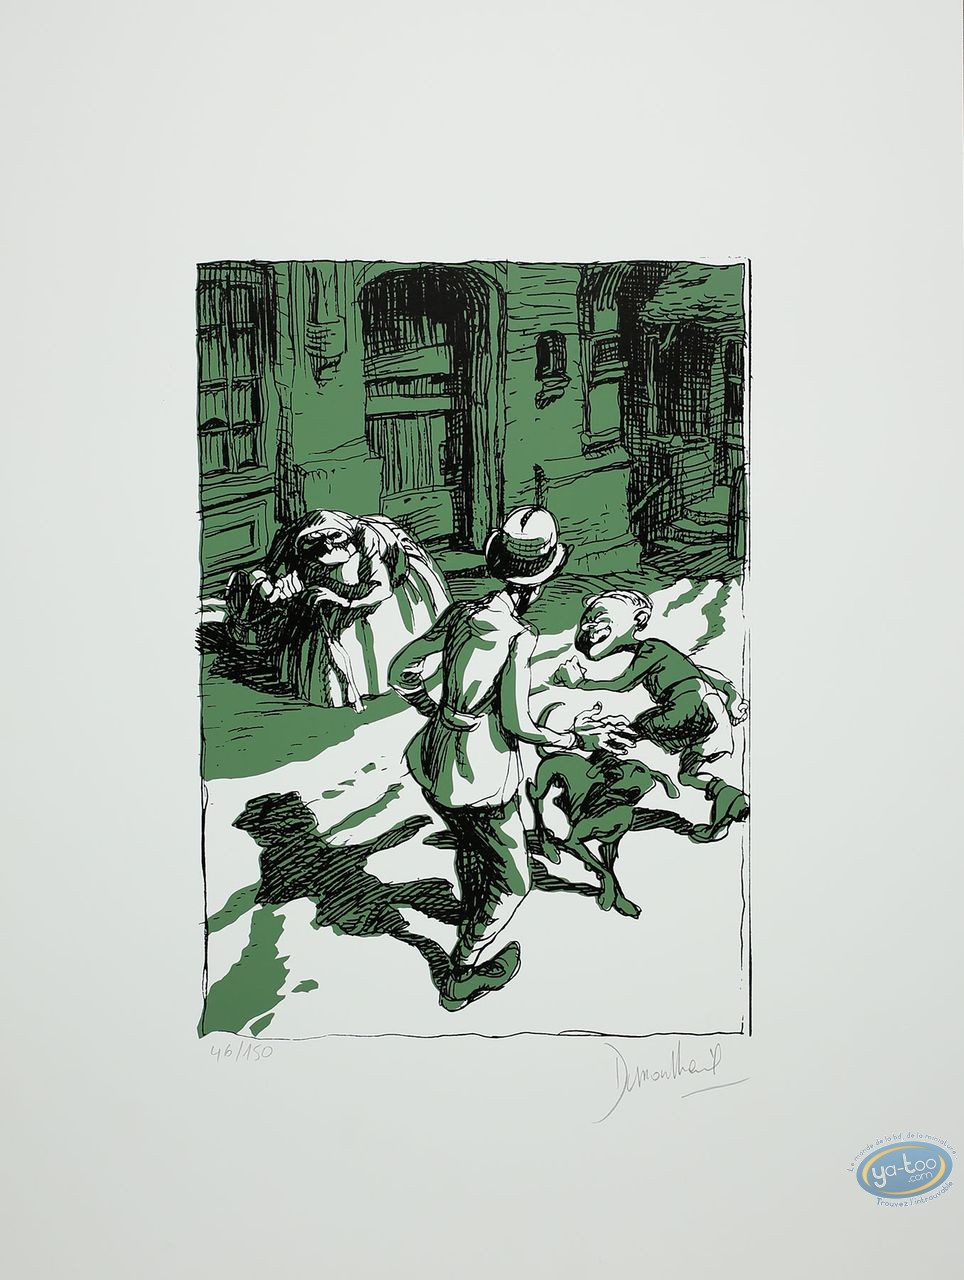 Serigraph Print, Qui à Tué l'Idiot? : In the Street